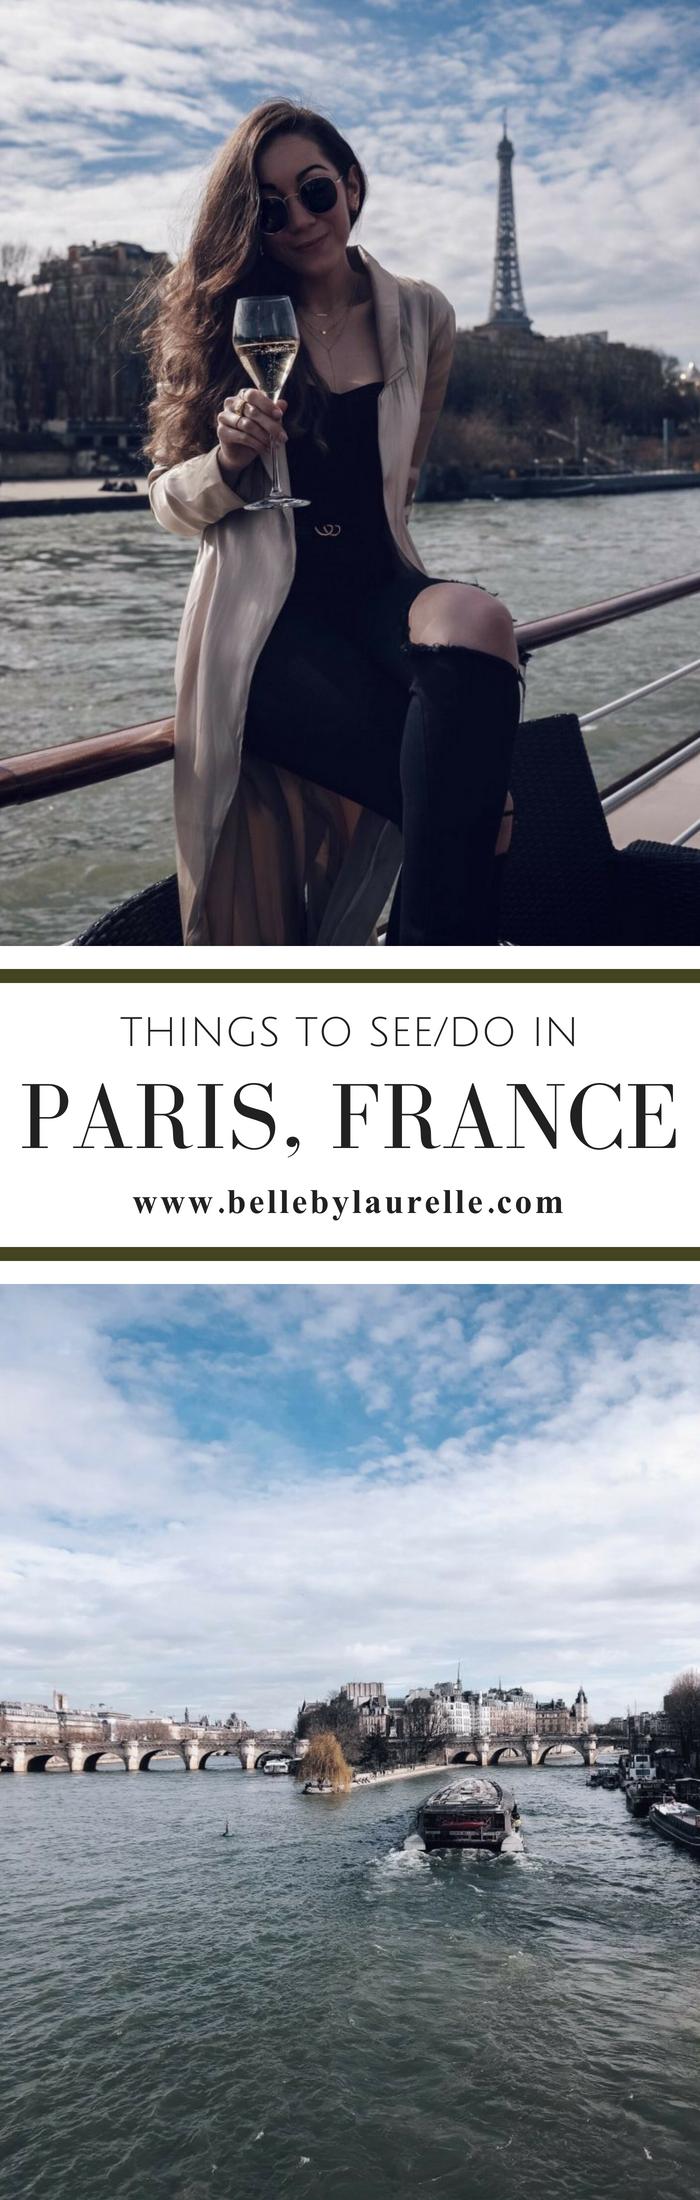 PARIS FRANCE FASHION OUTFITS Belle by Laurelle